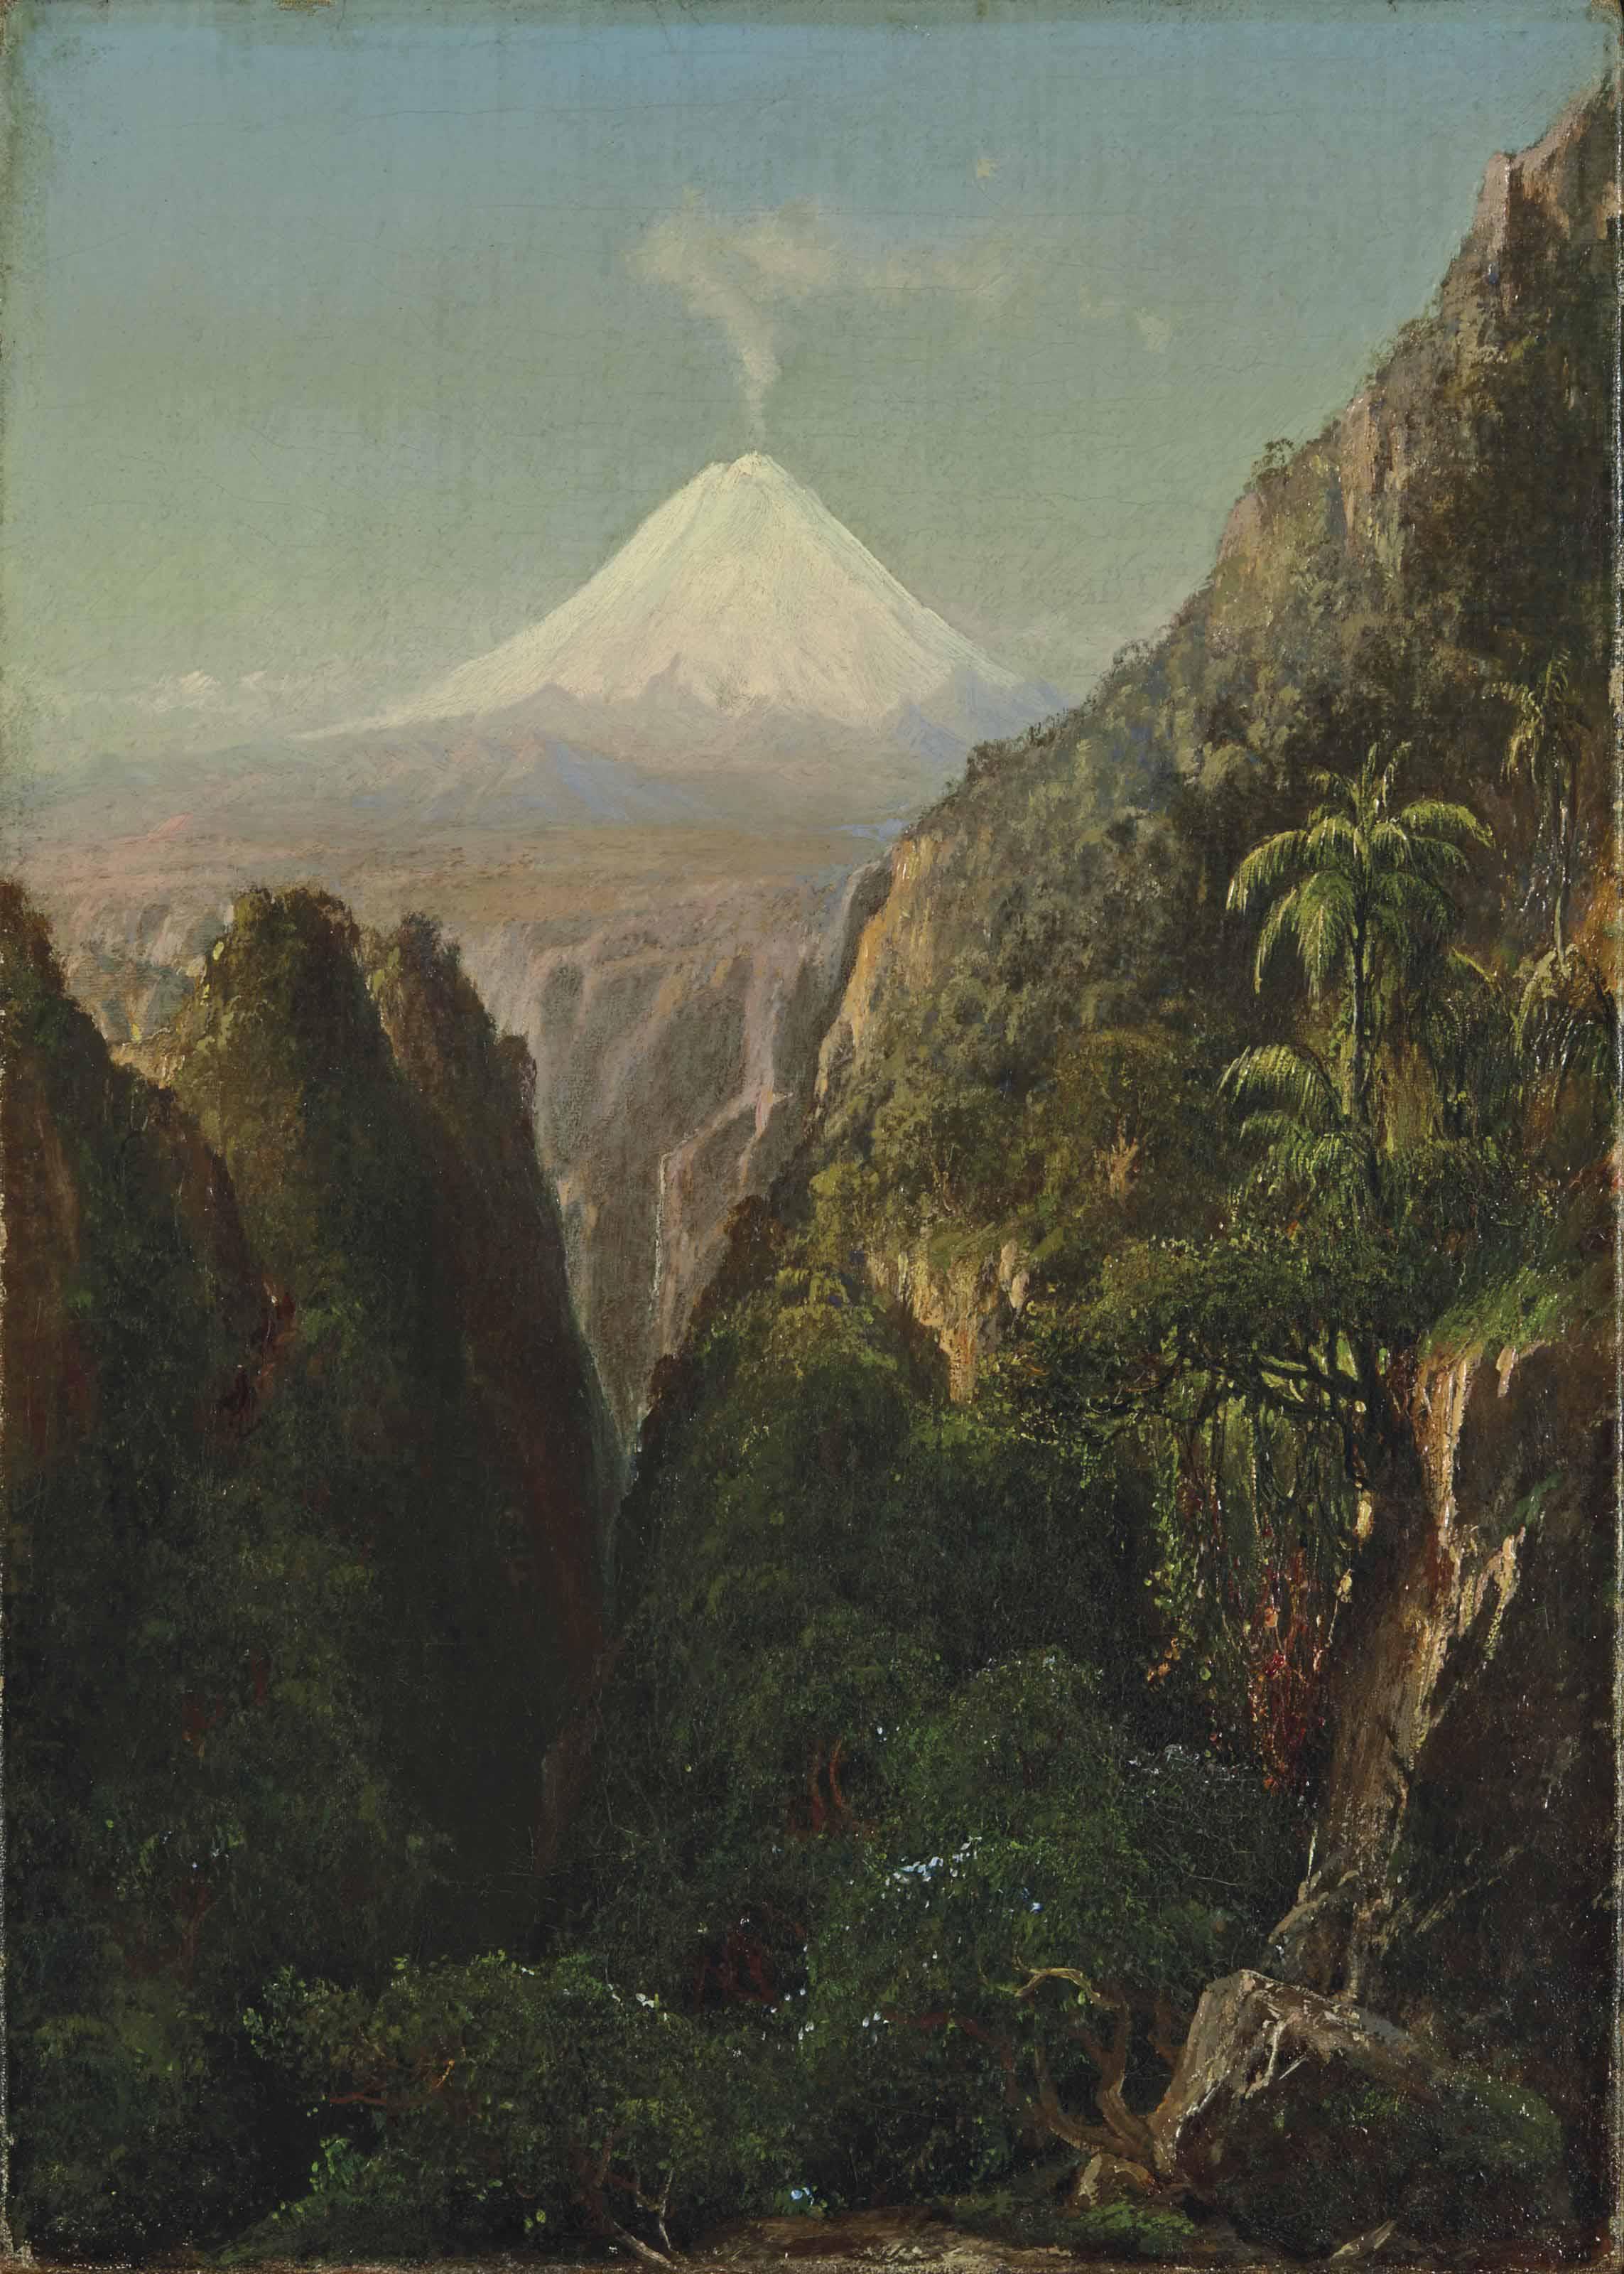 Le sommet de Palomar dans les Andes au Chili